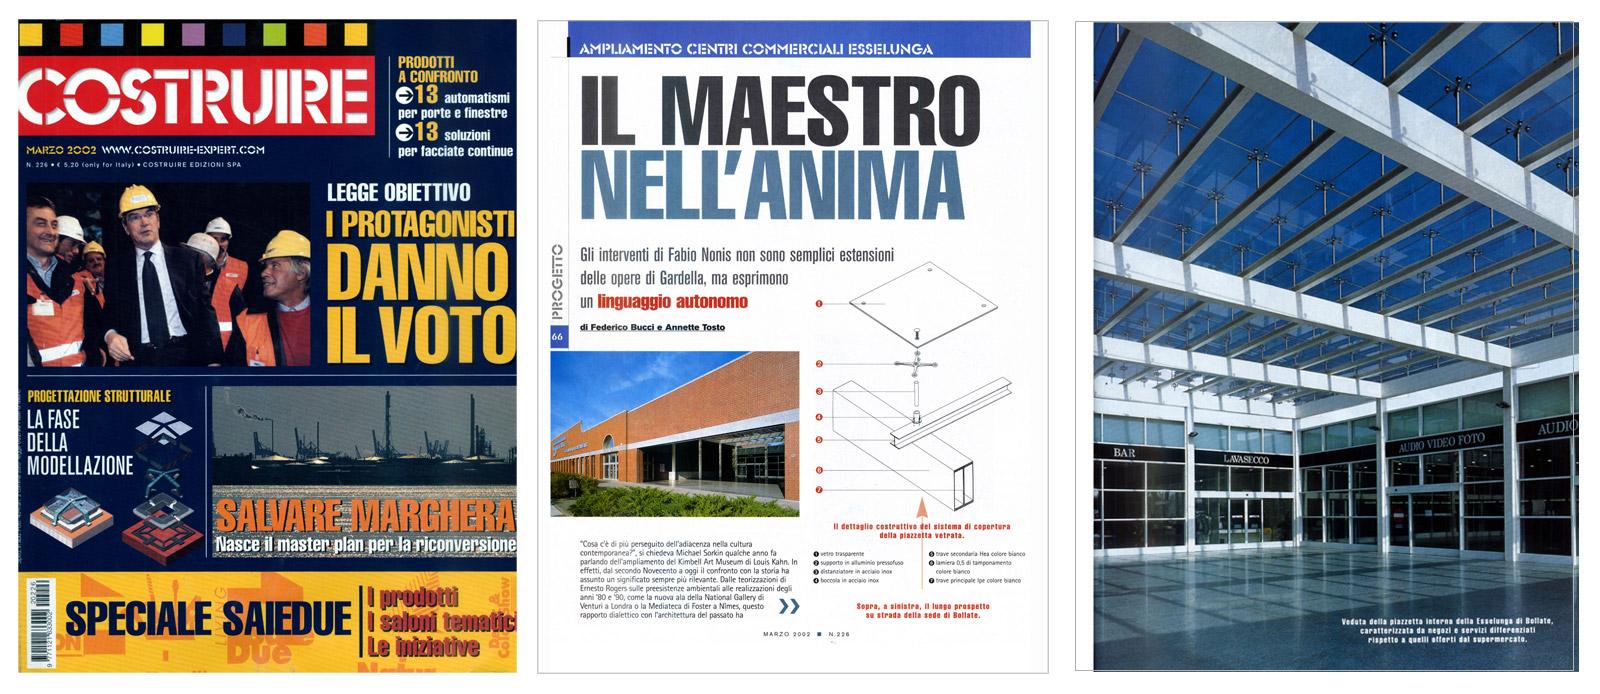 """""""Il Maestro nell'anima"""", Costruire n°226, marzo 2002"""